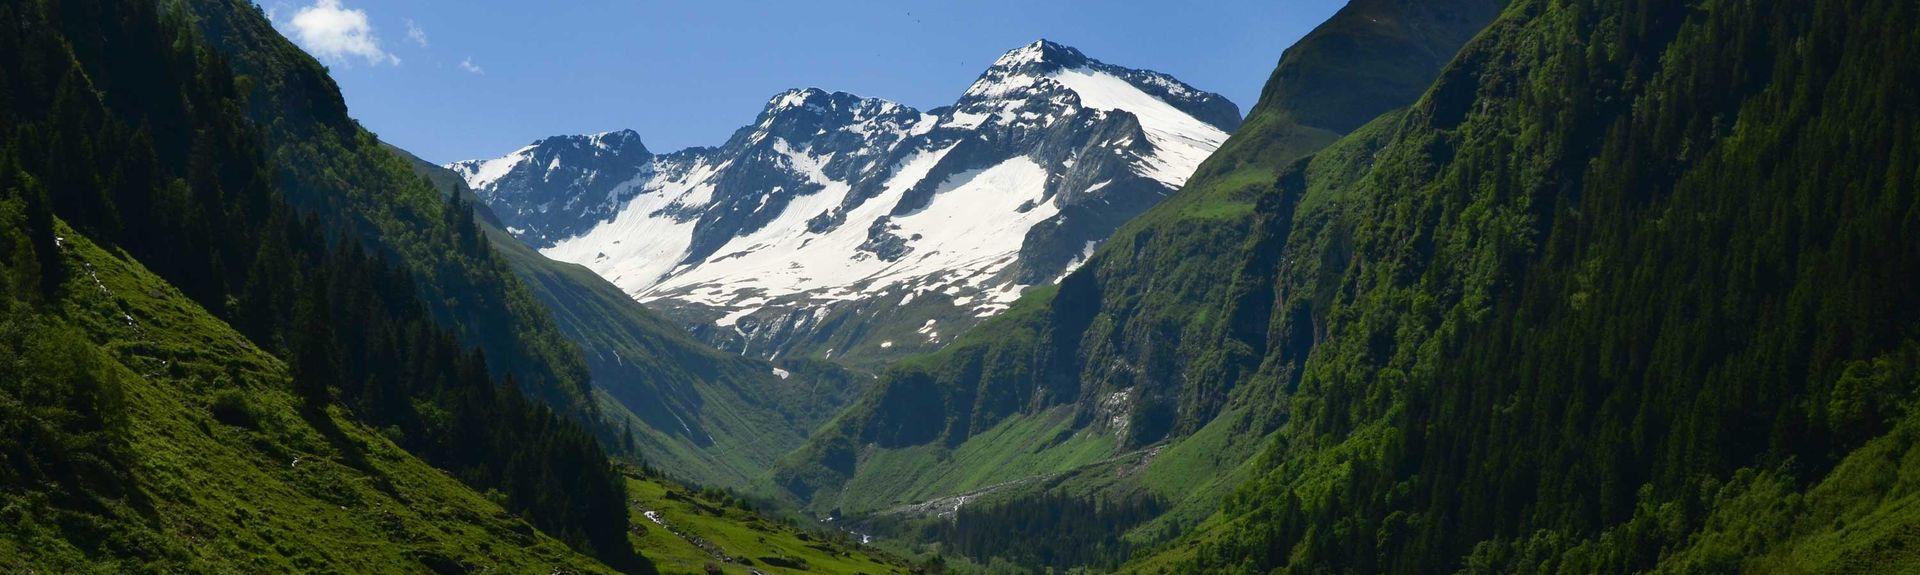 Nationalpark Hohe Tauern, Matrei in Osttirol, Tirol, Österreich